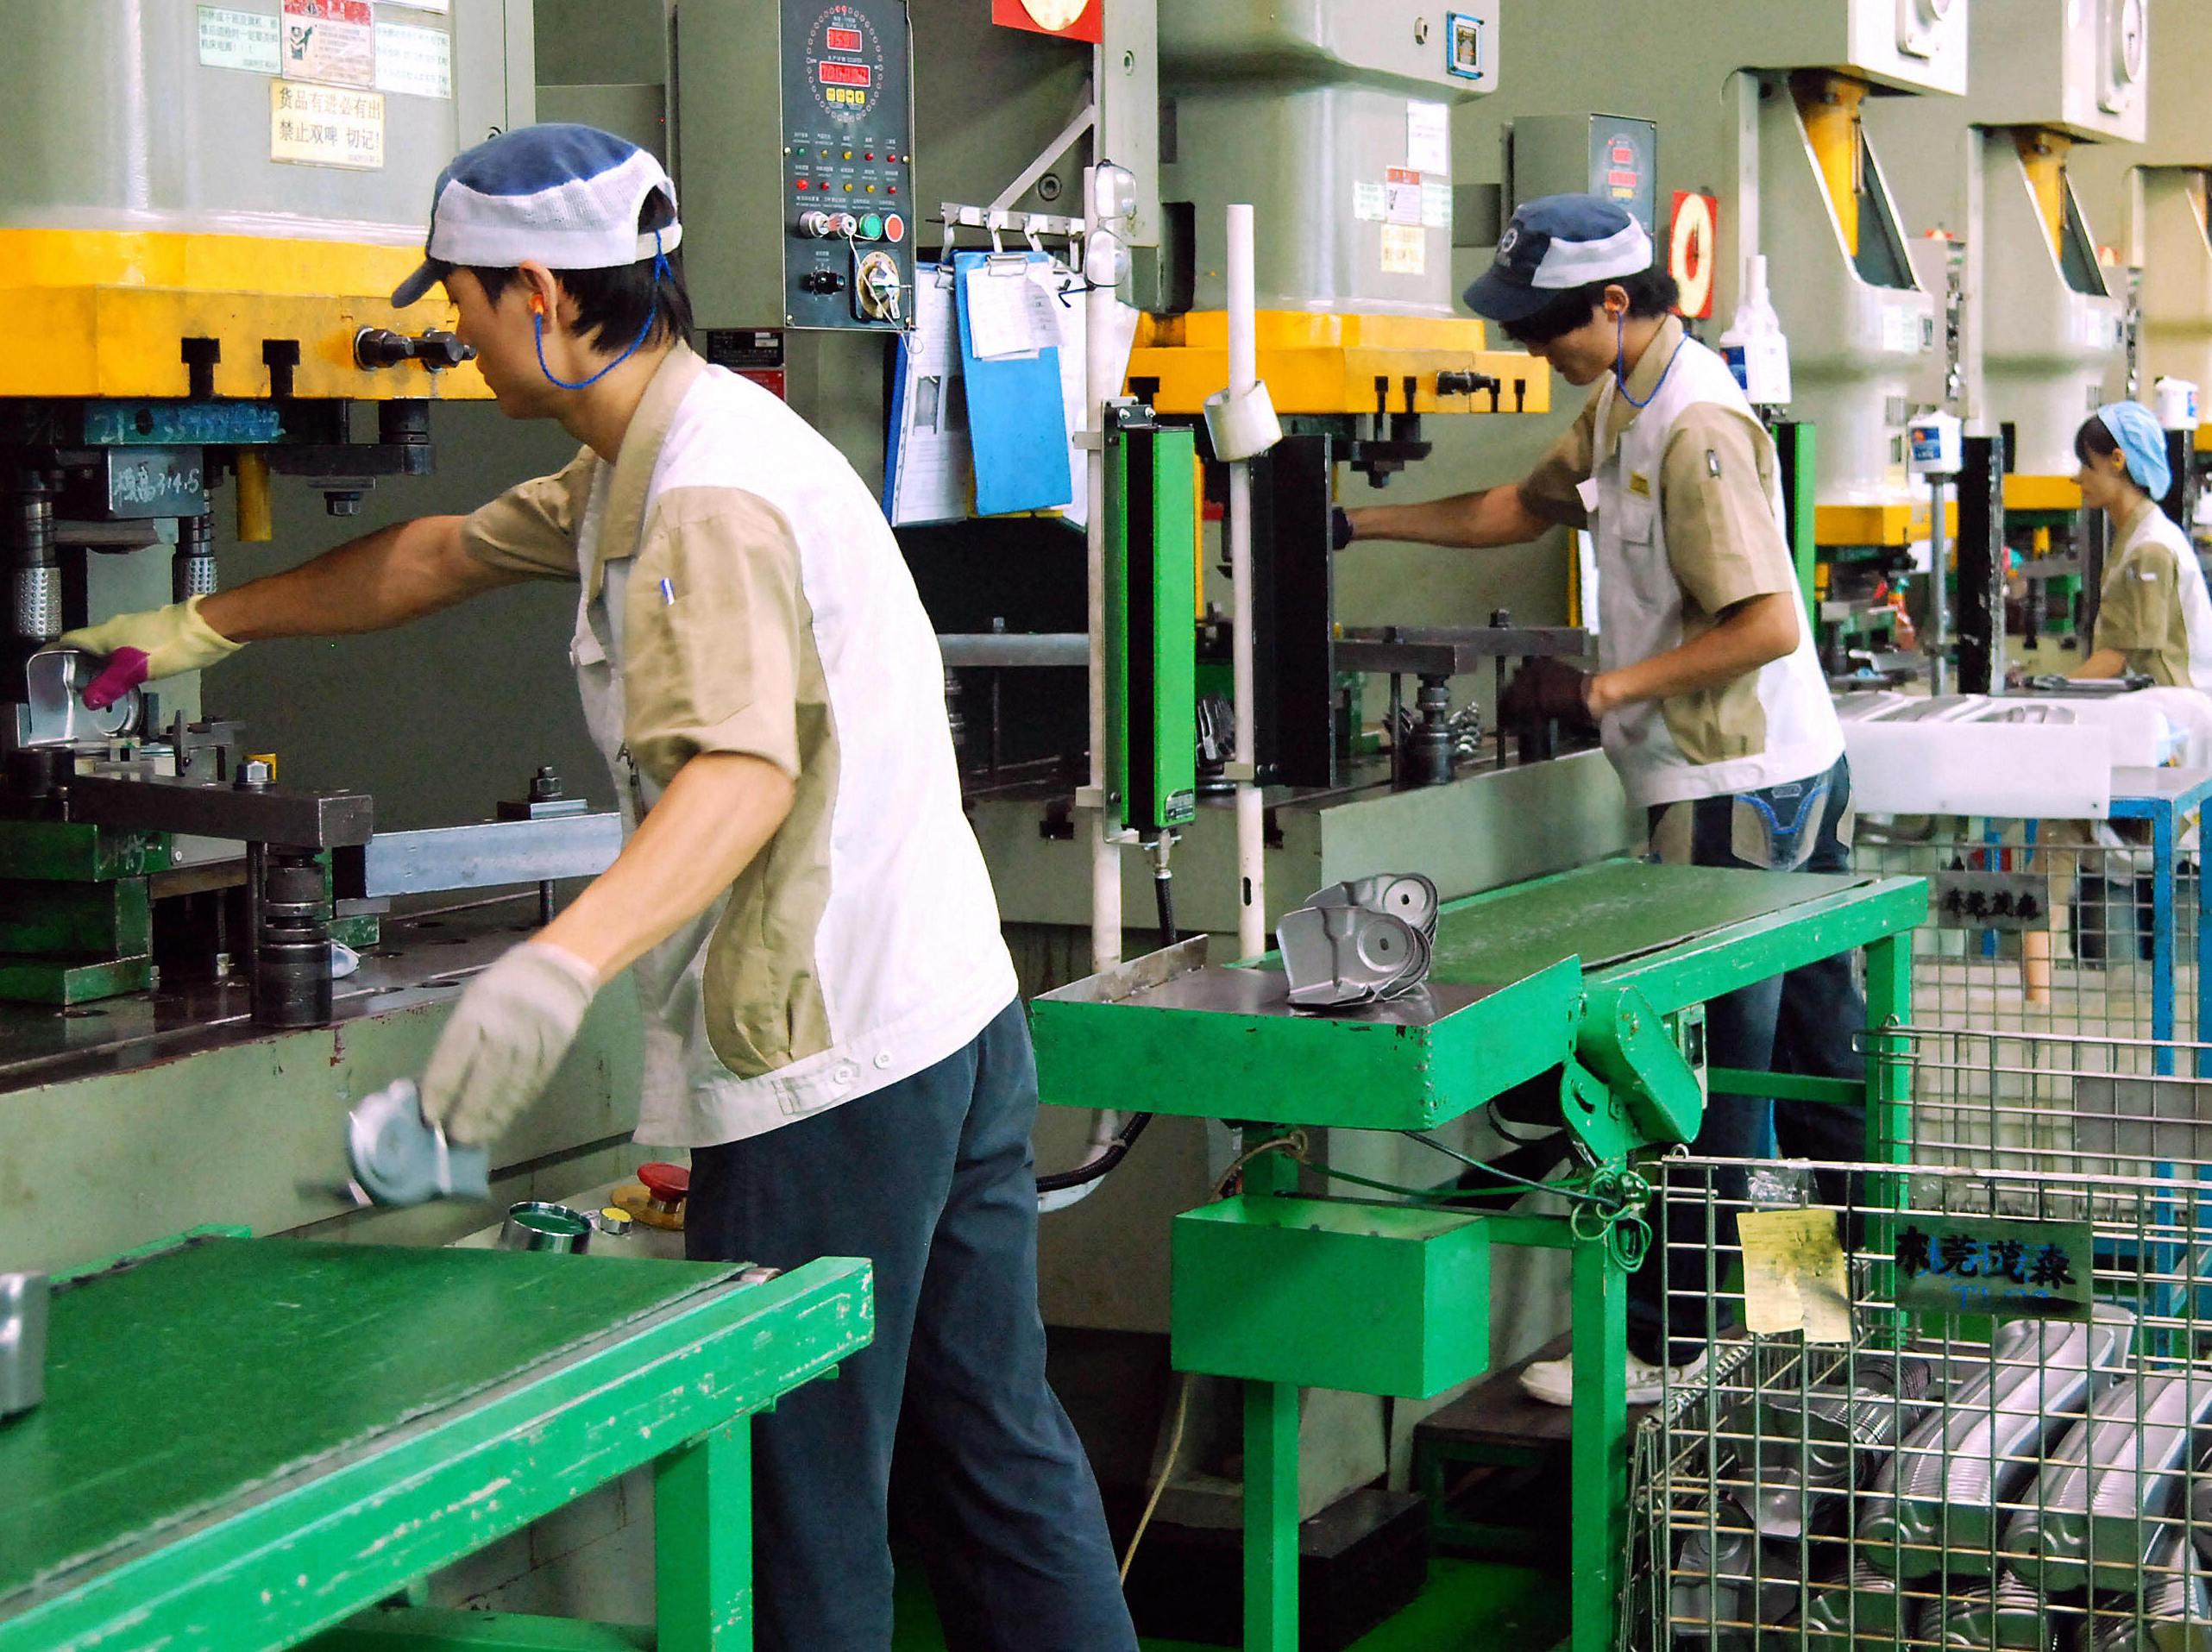 Australien: Wachsender Trend zum Verbot von chinesischen Produkten